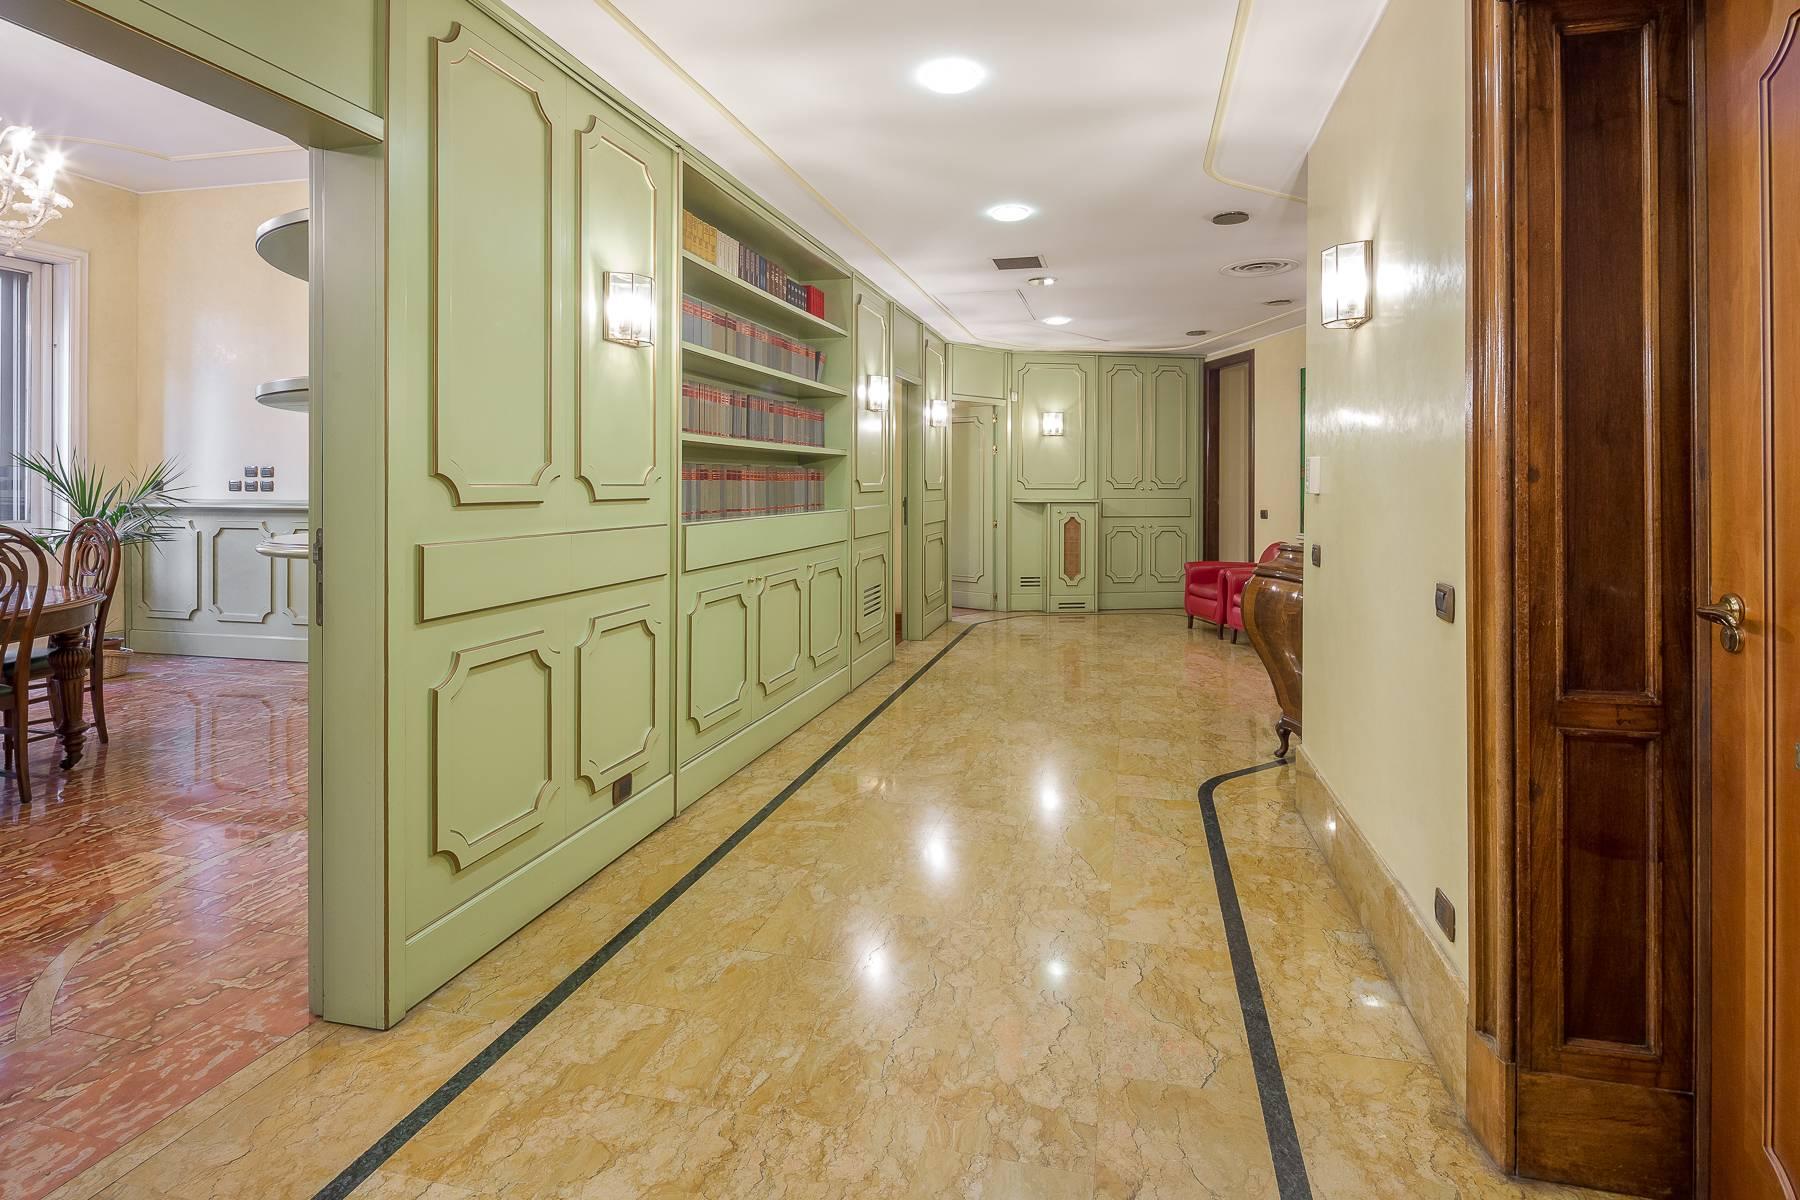 Ufficio-studio in Vendita a Milano: 5 locali, 470 mq - Foto 7